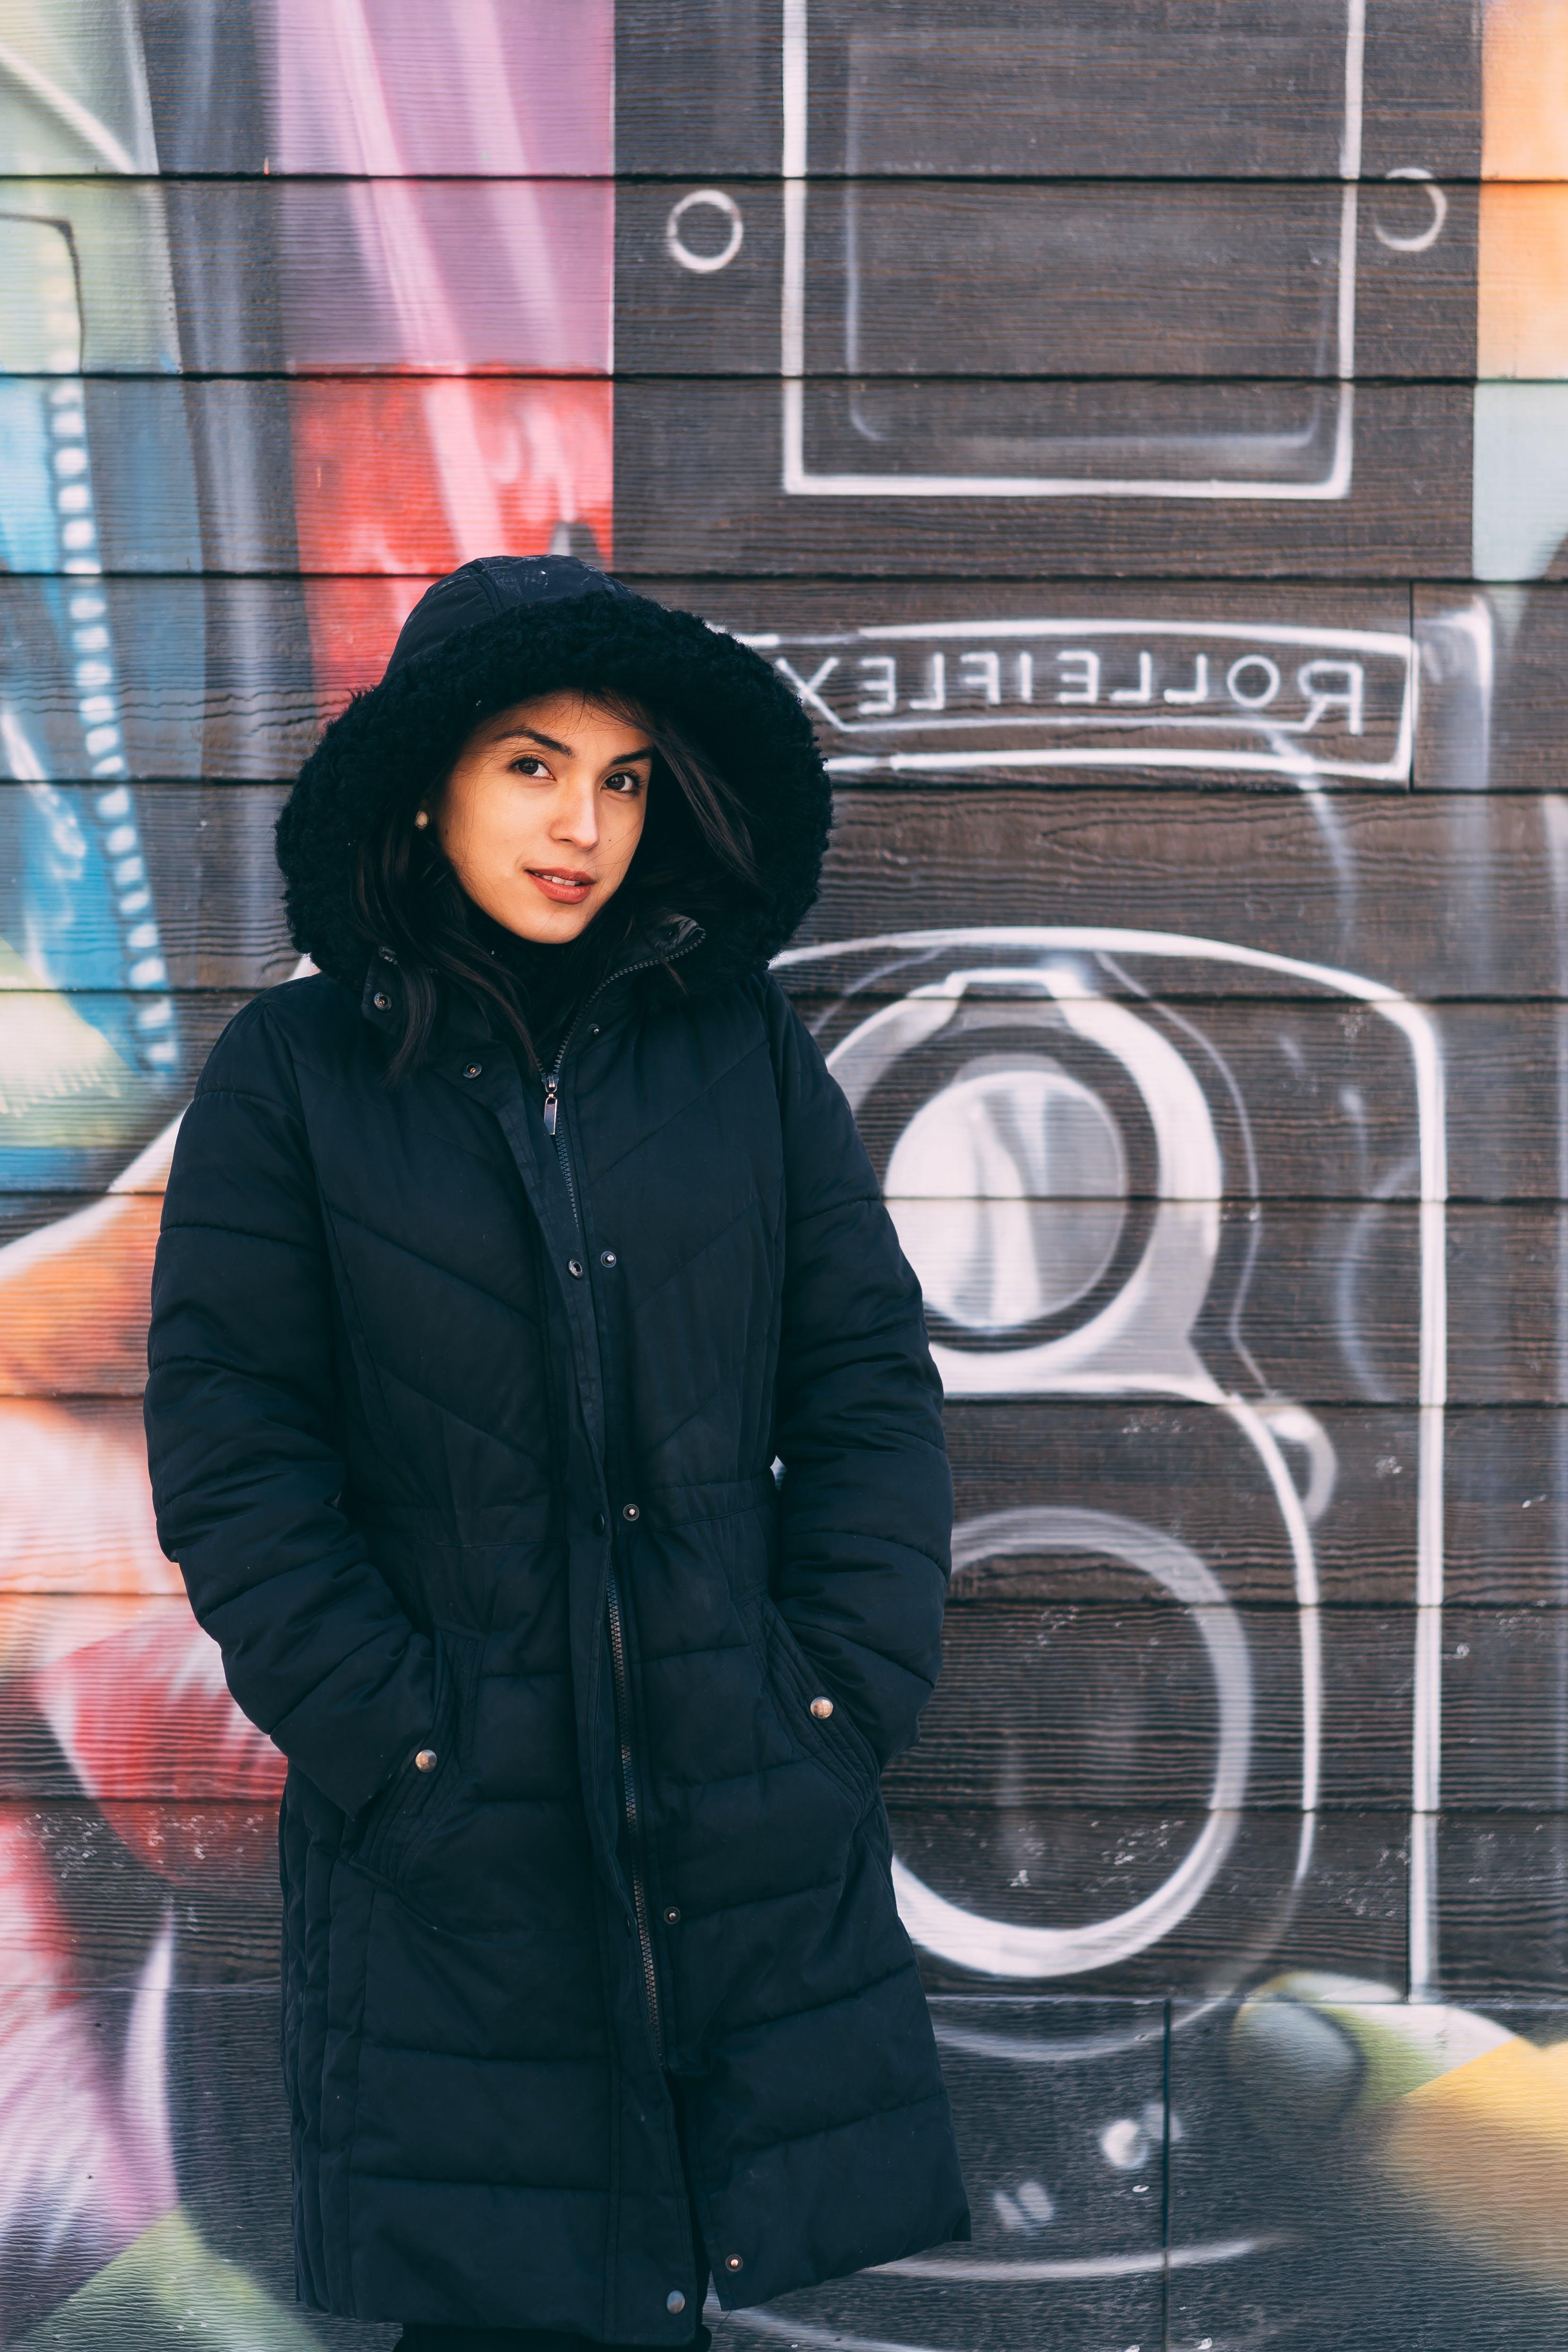 Woman Wearing Winter Jacket in Front Graffiti Wall